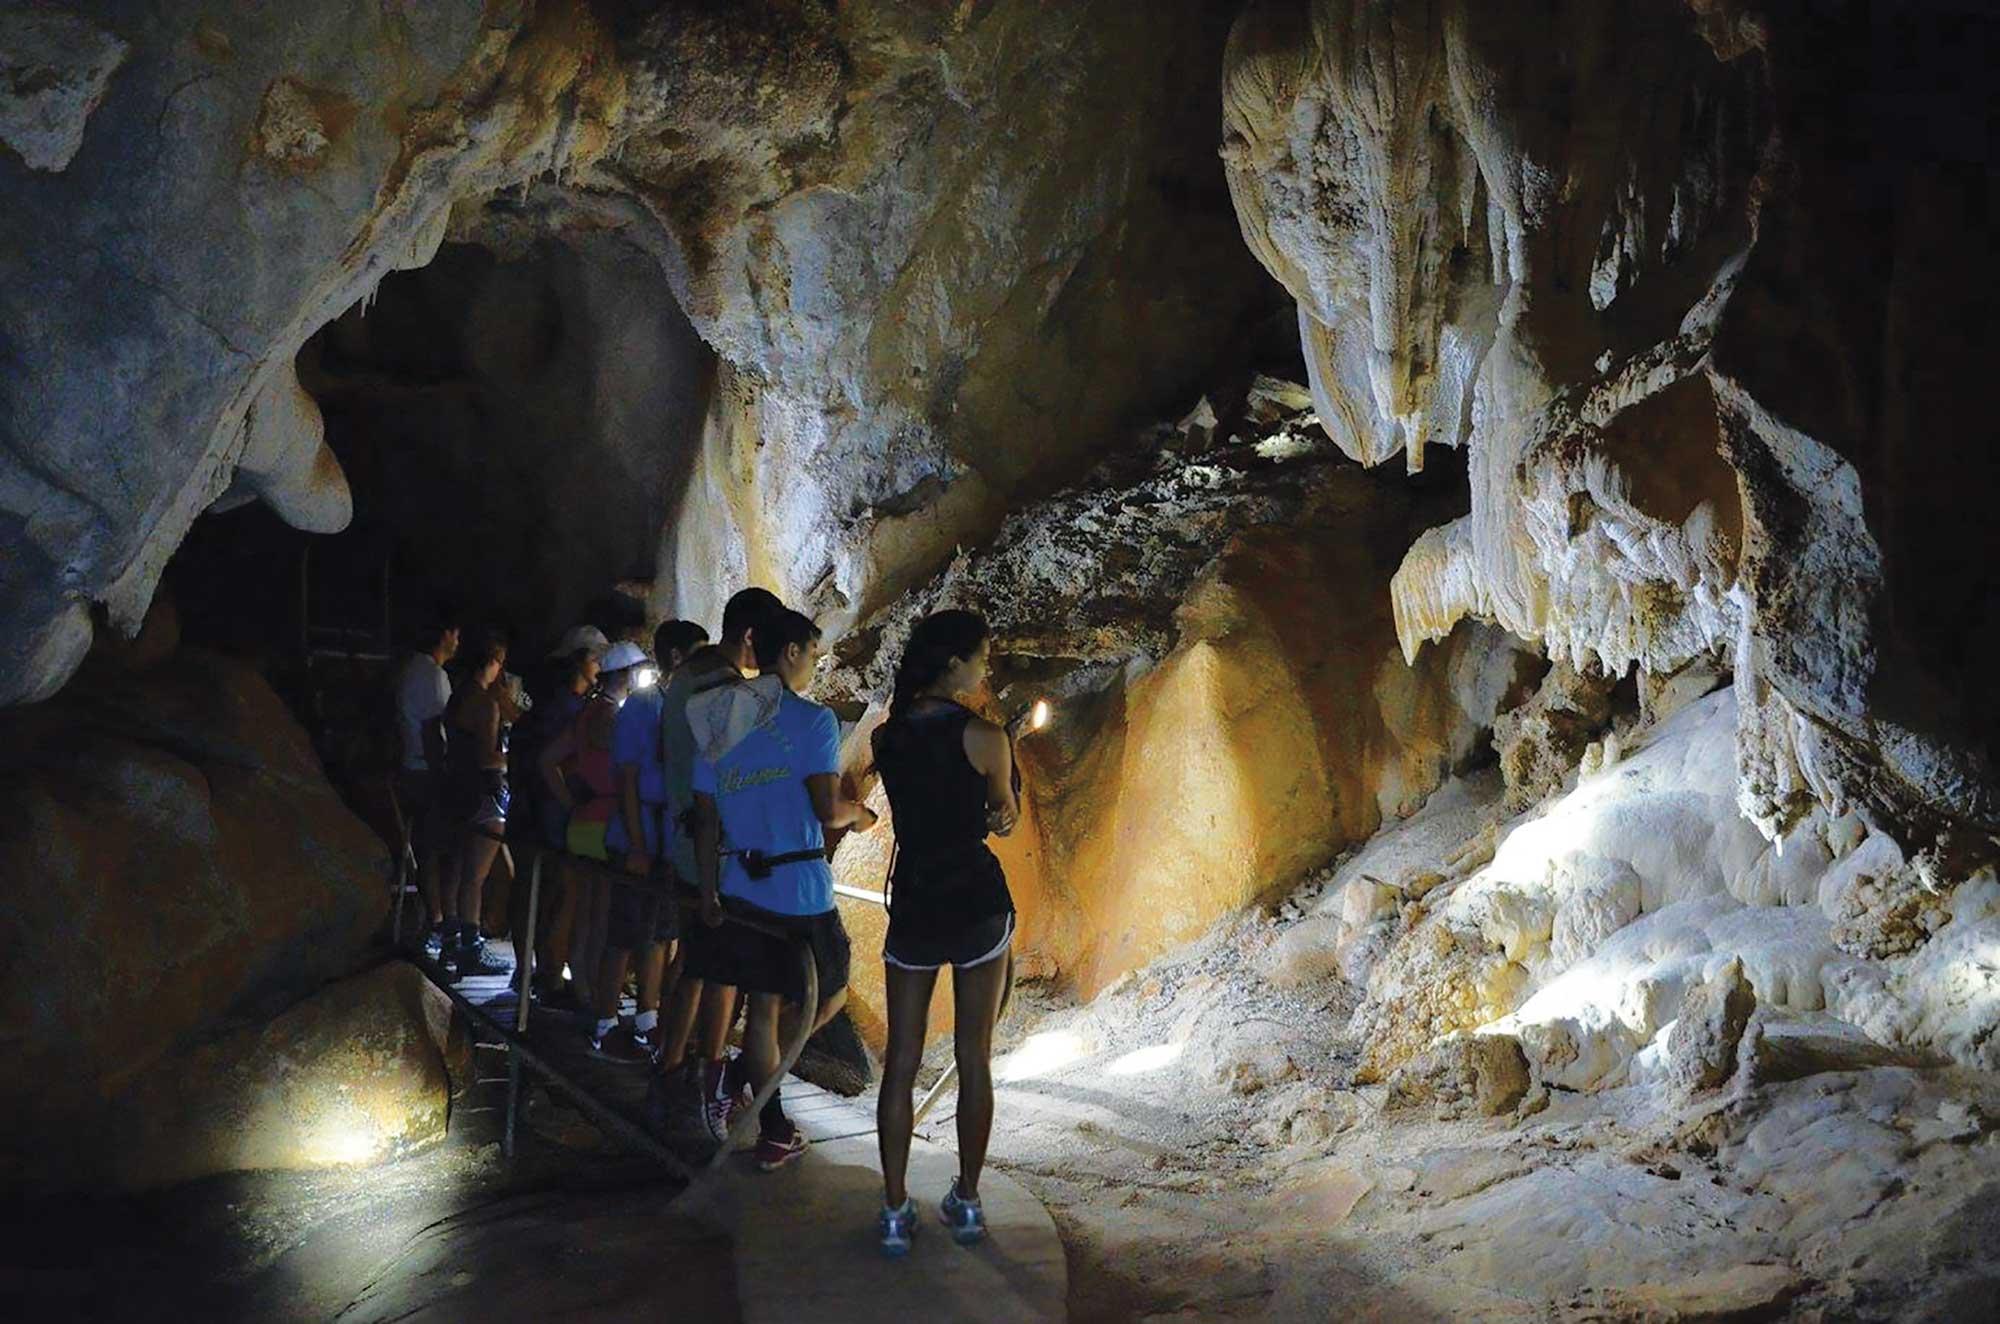 Students exploring a cave